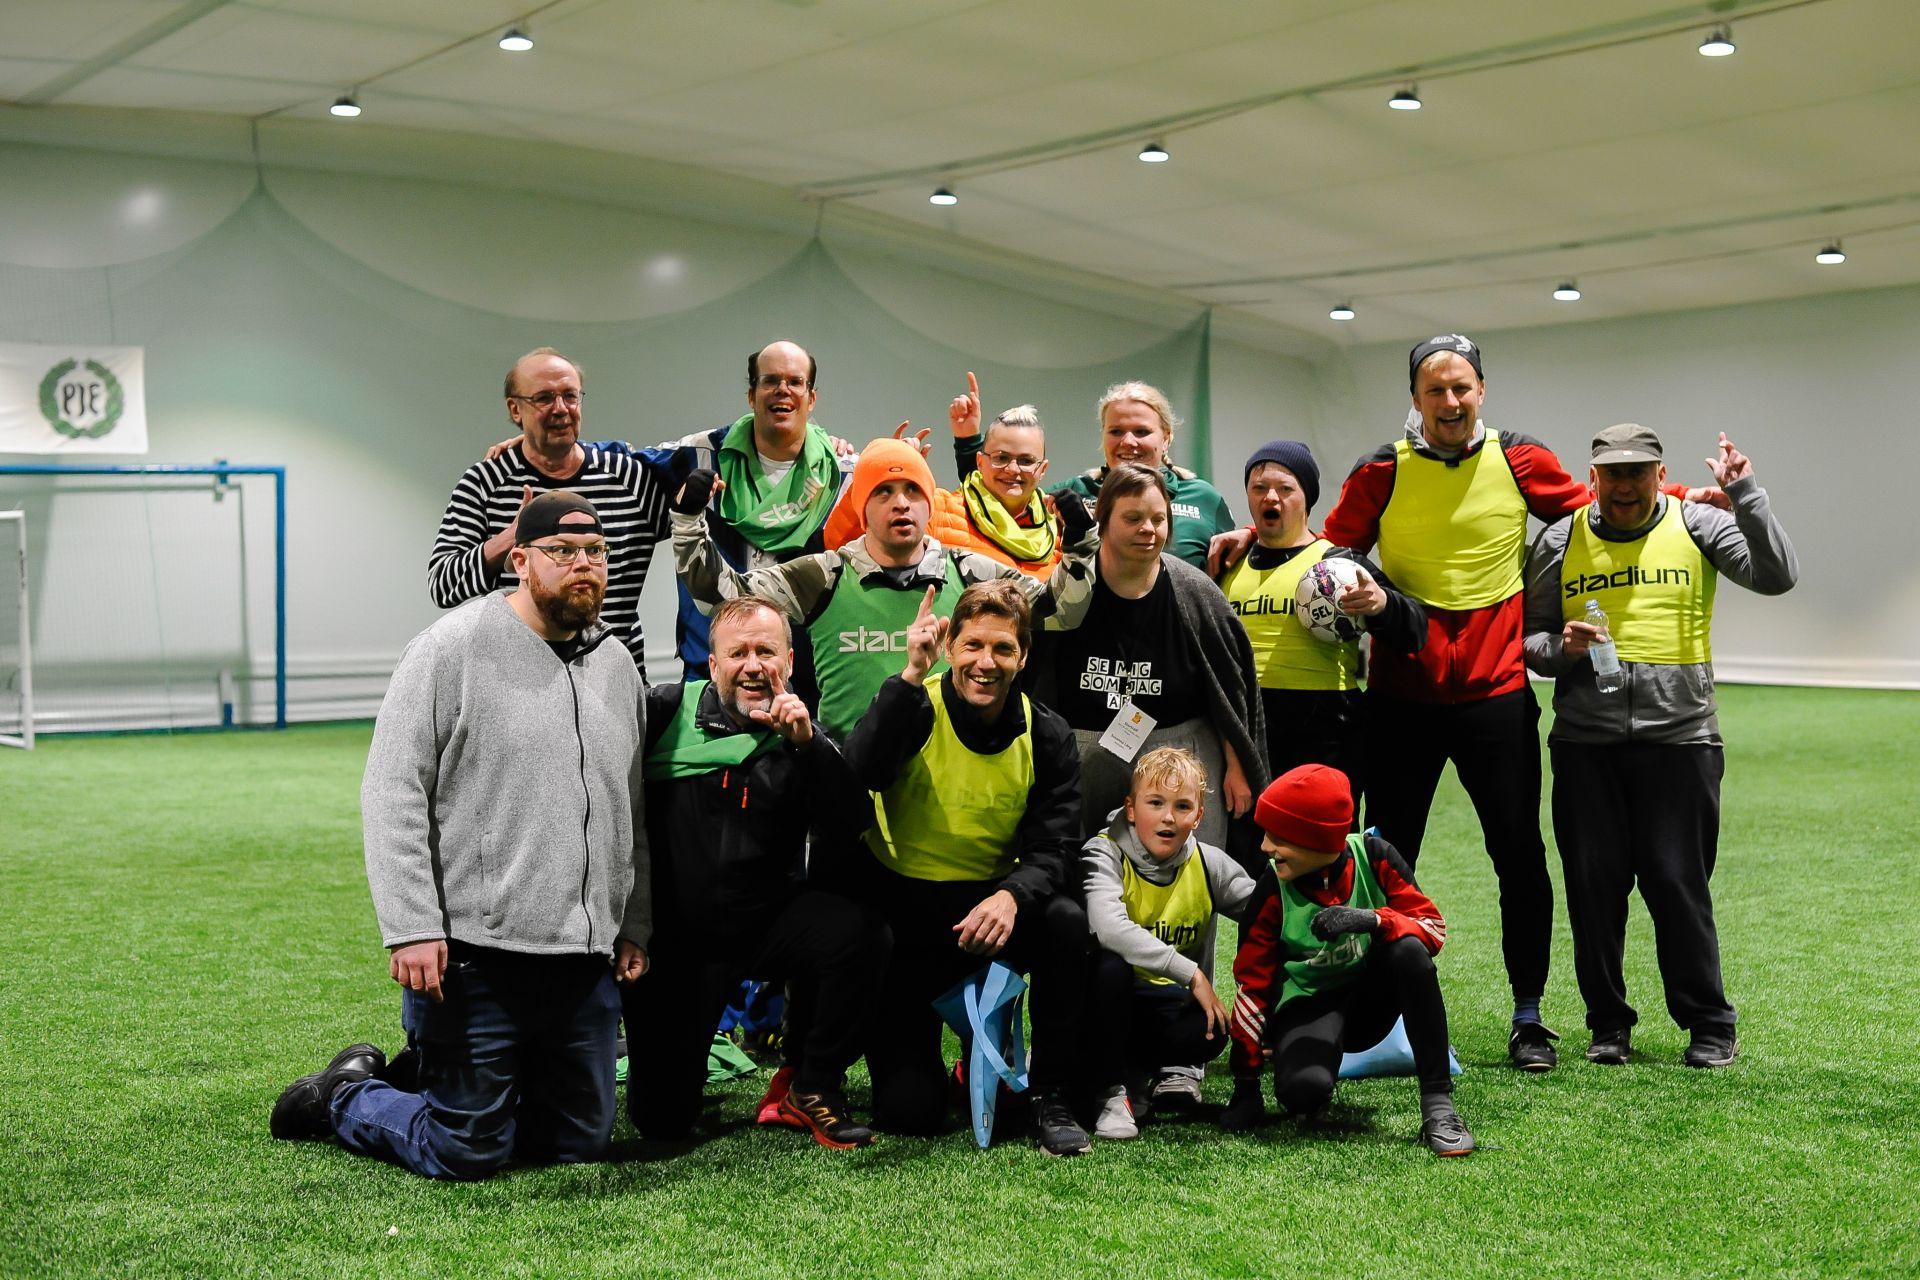 En gruppbild på glada personer vid en inomhusfotbollshall.